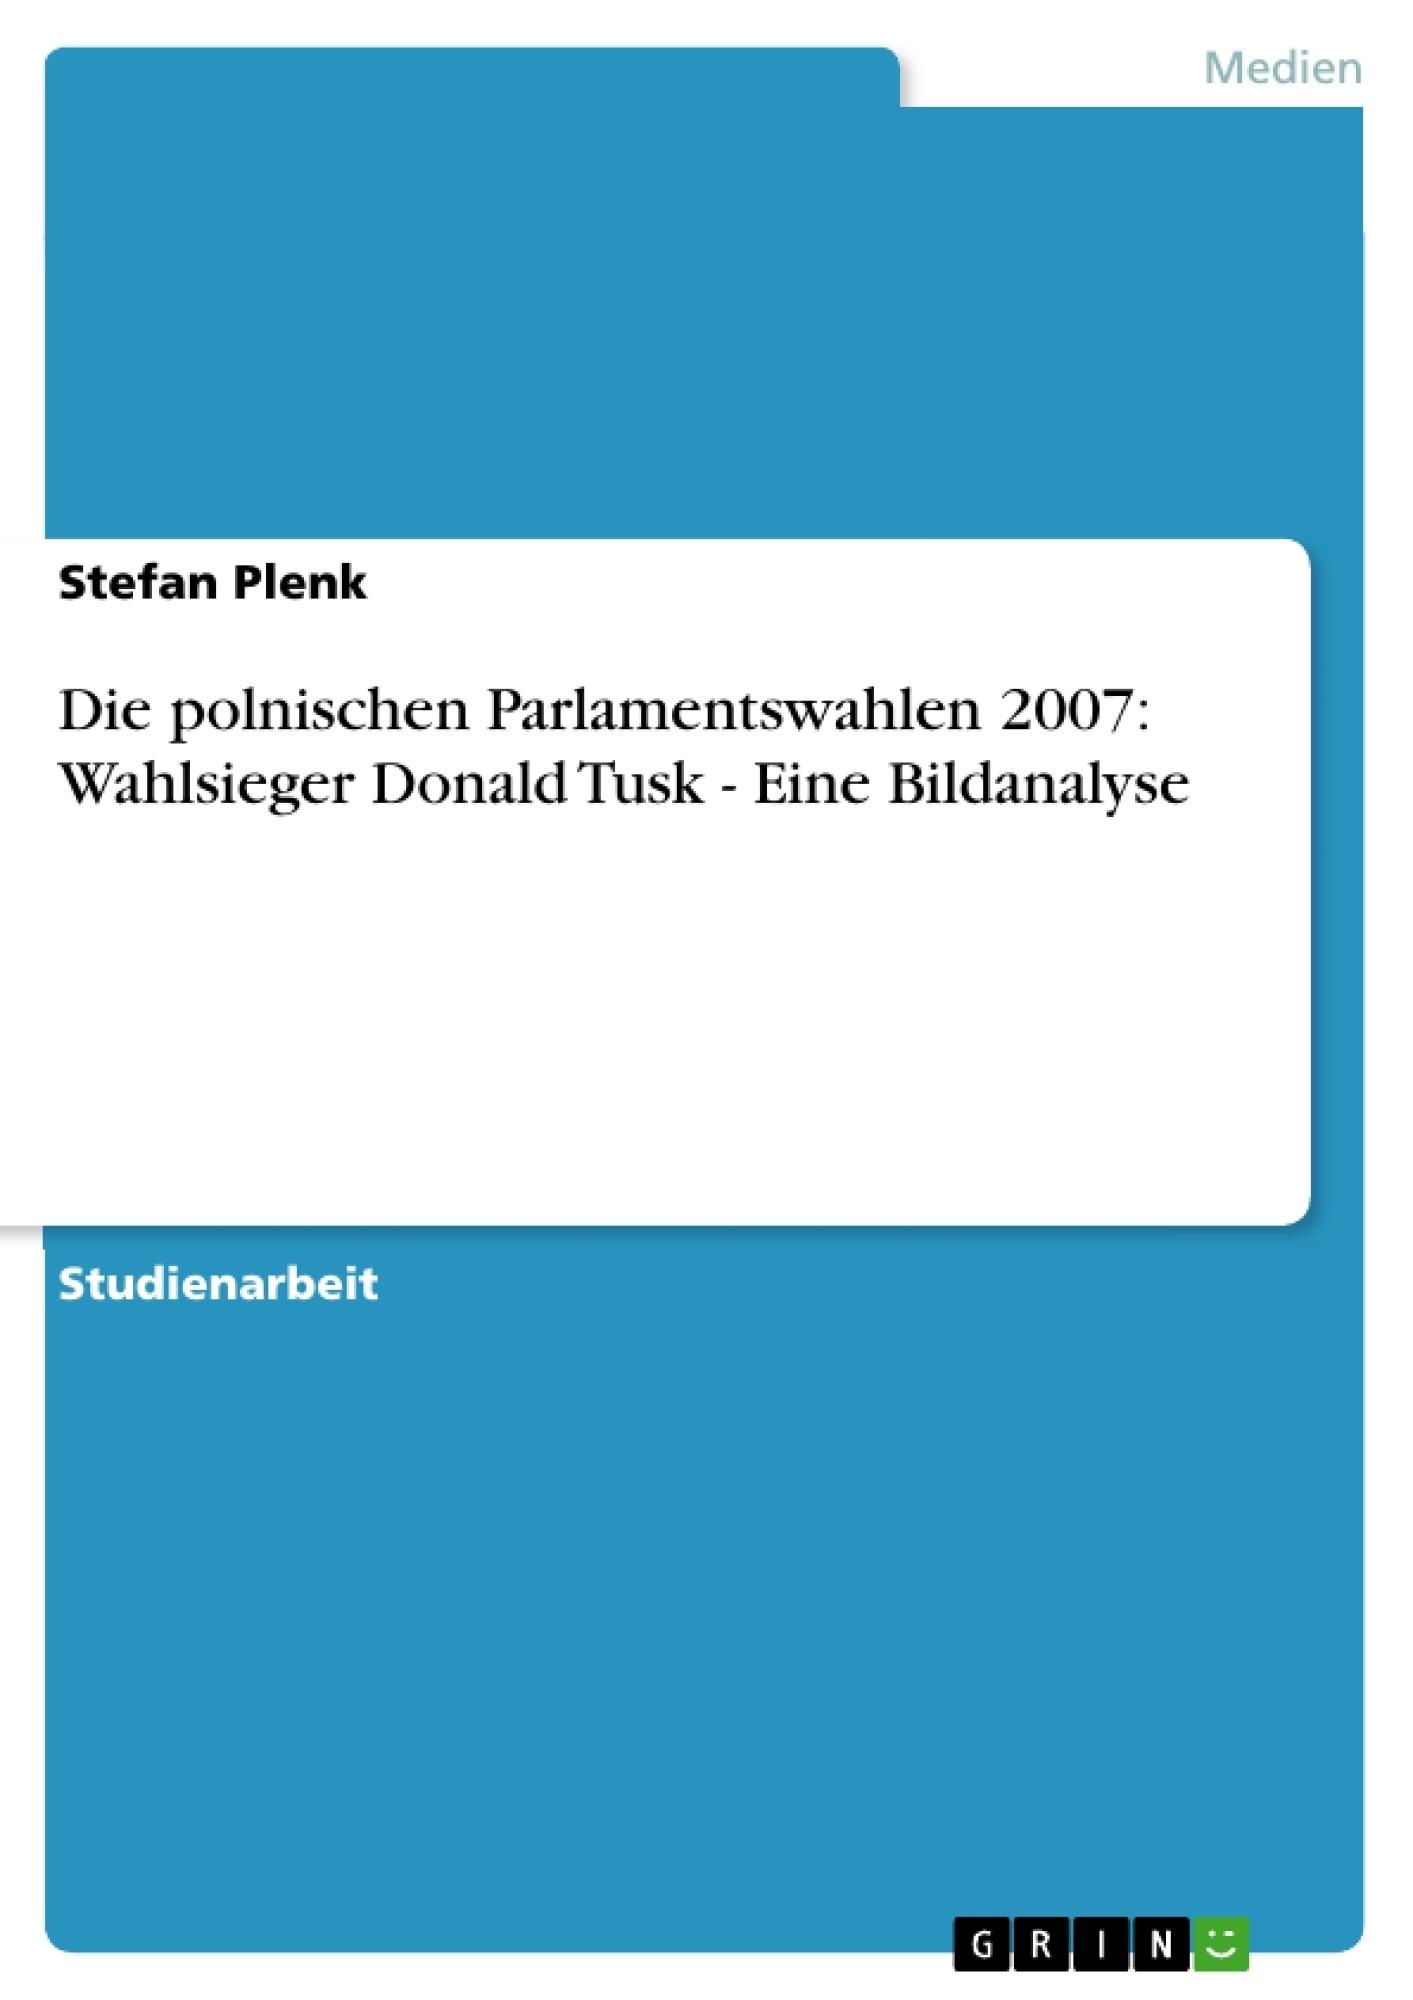 Titel: Die polnischen Parlamentswahlen 2007: Wahlsieger Donald Tusk - Eine Bildanalyse